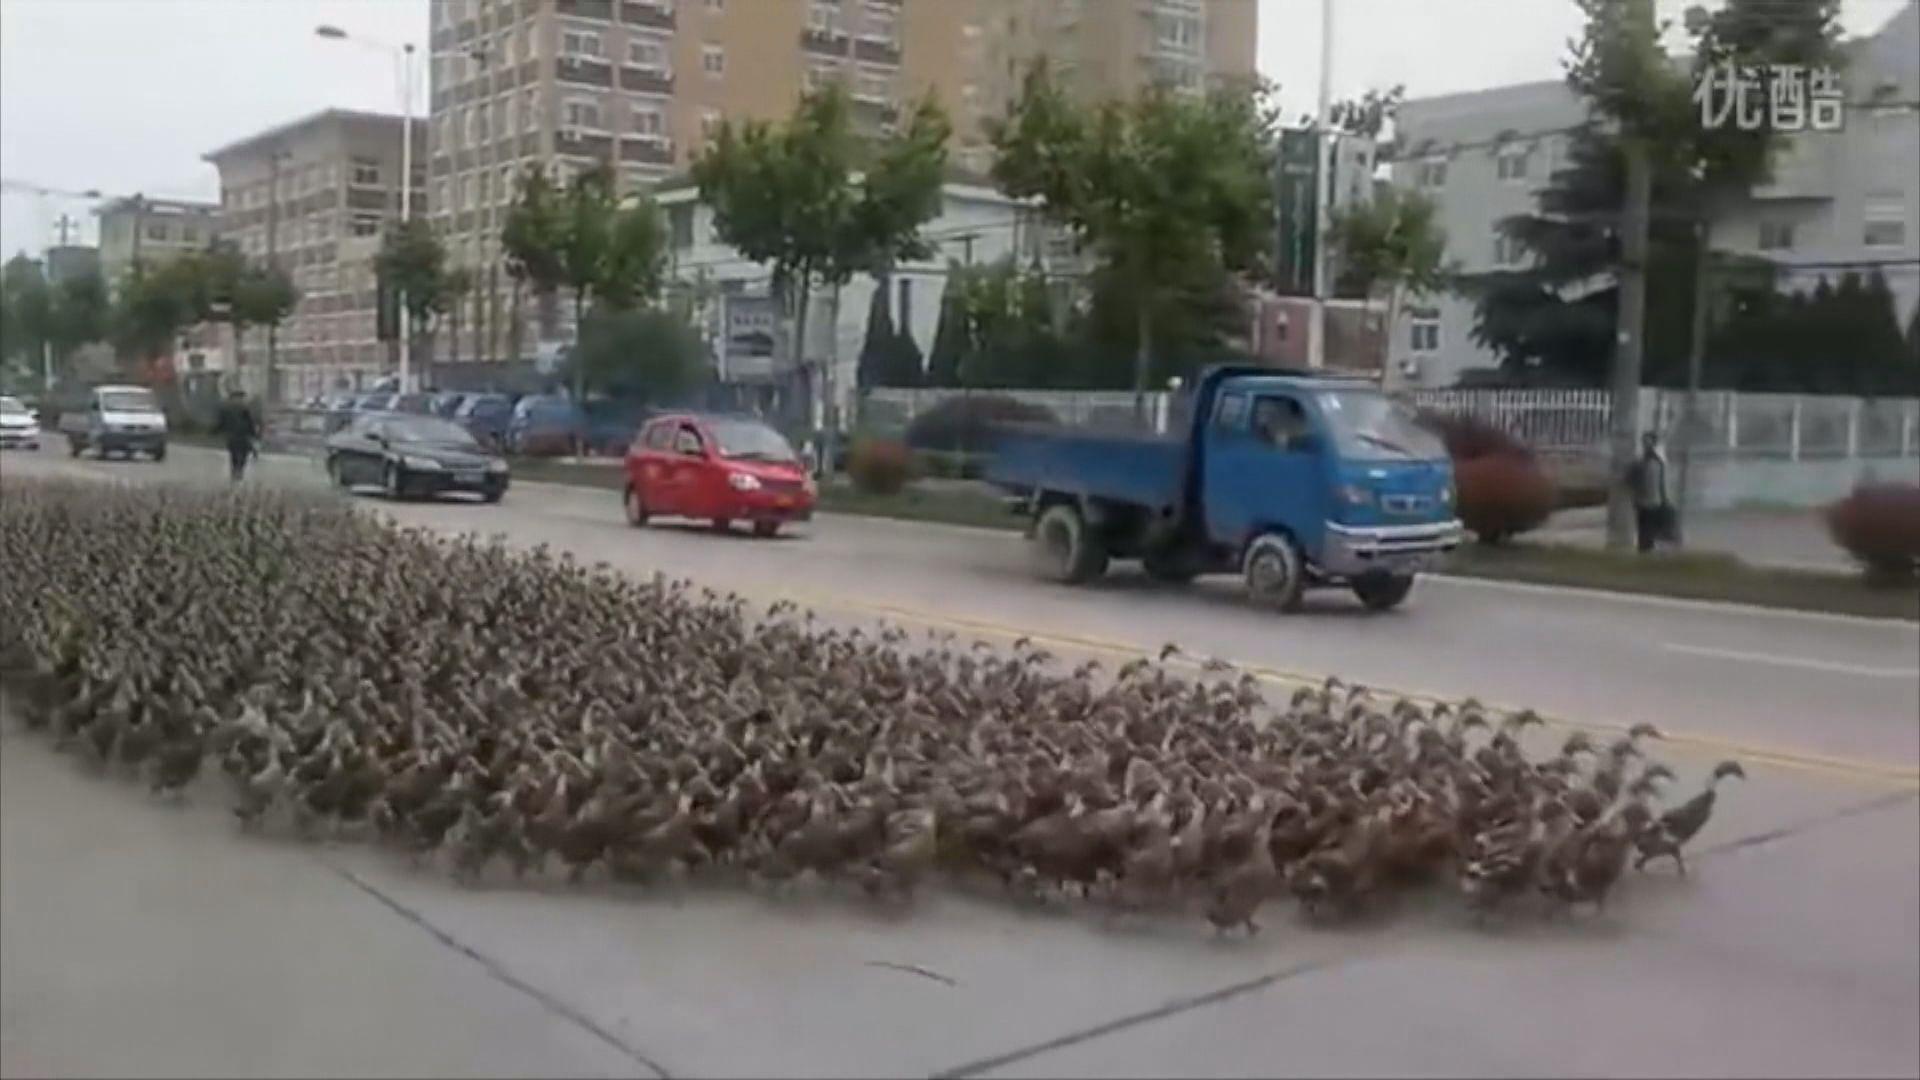 【環球薈報】傳中國派十萬鴨子往巴基斯坦治蝗